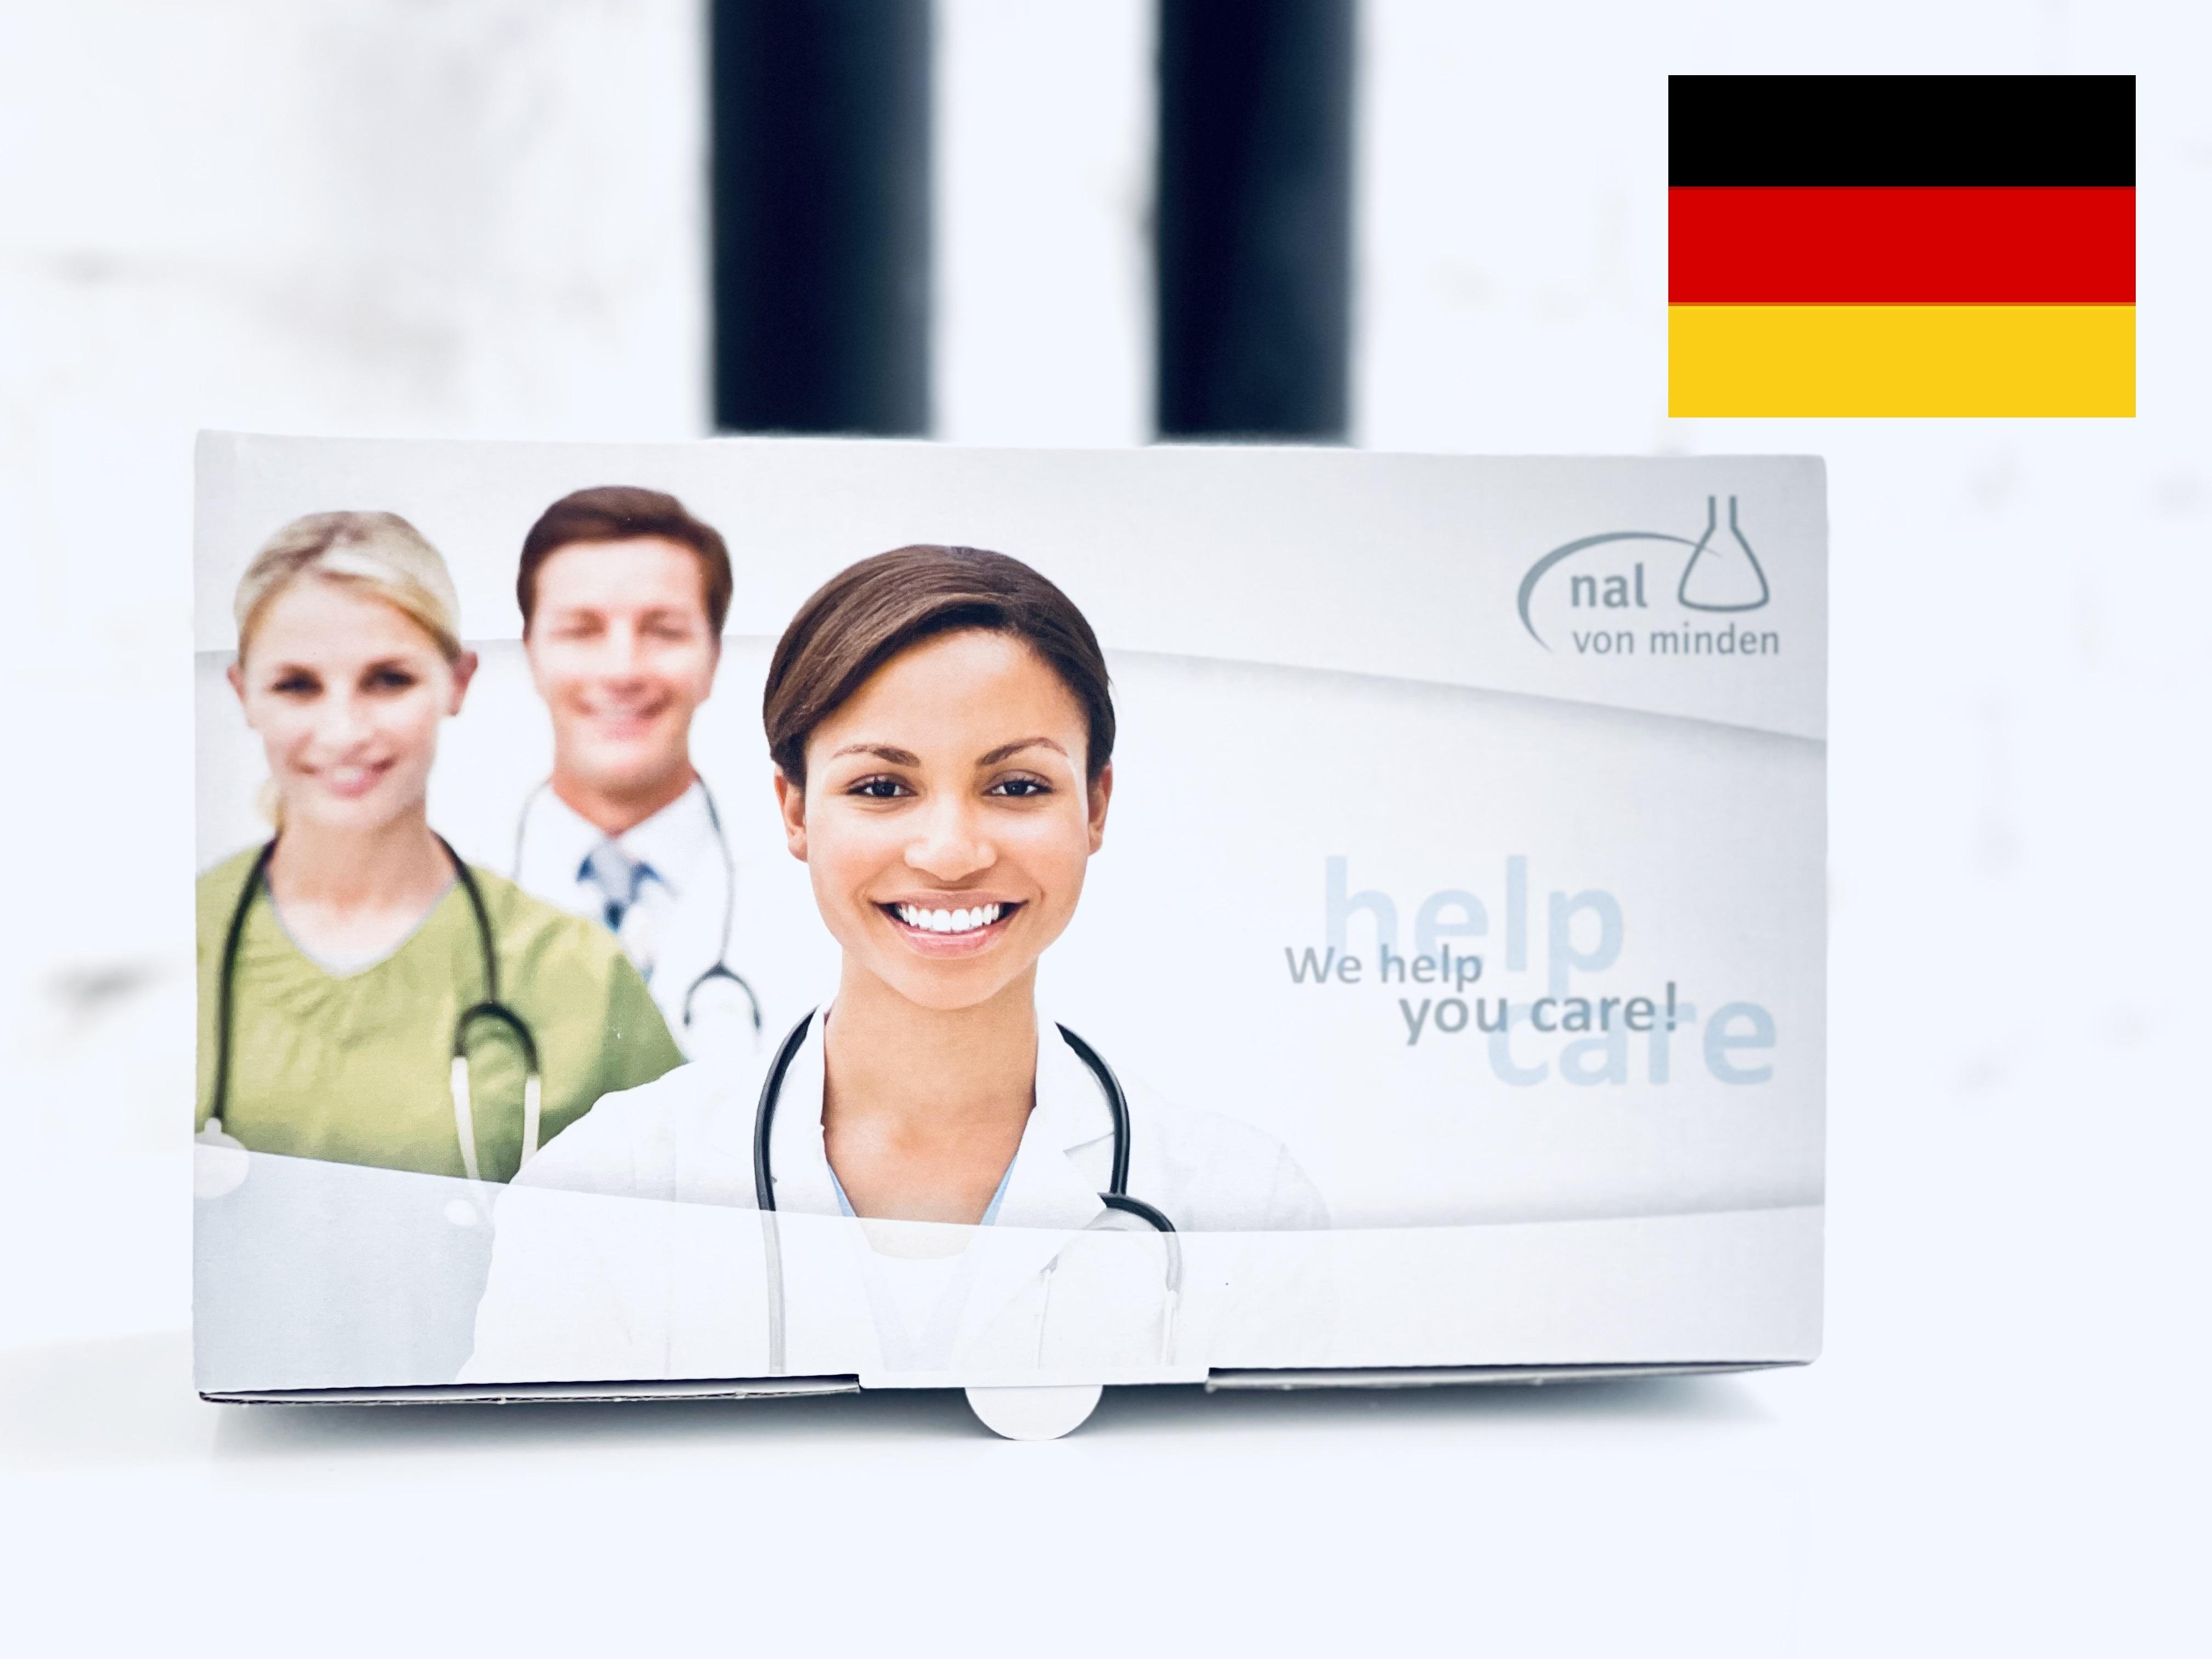 20ks NADAL® COVID-19 Ag Test nal von minden GmbH Německo Množství I: 1ks